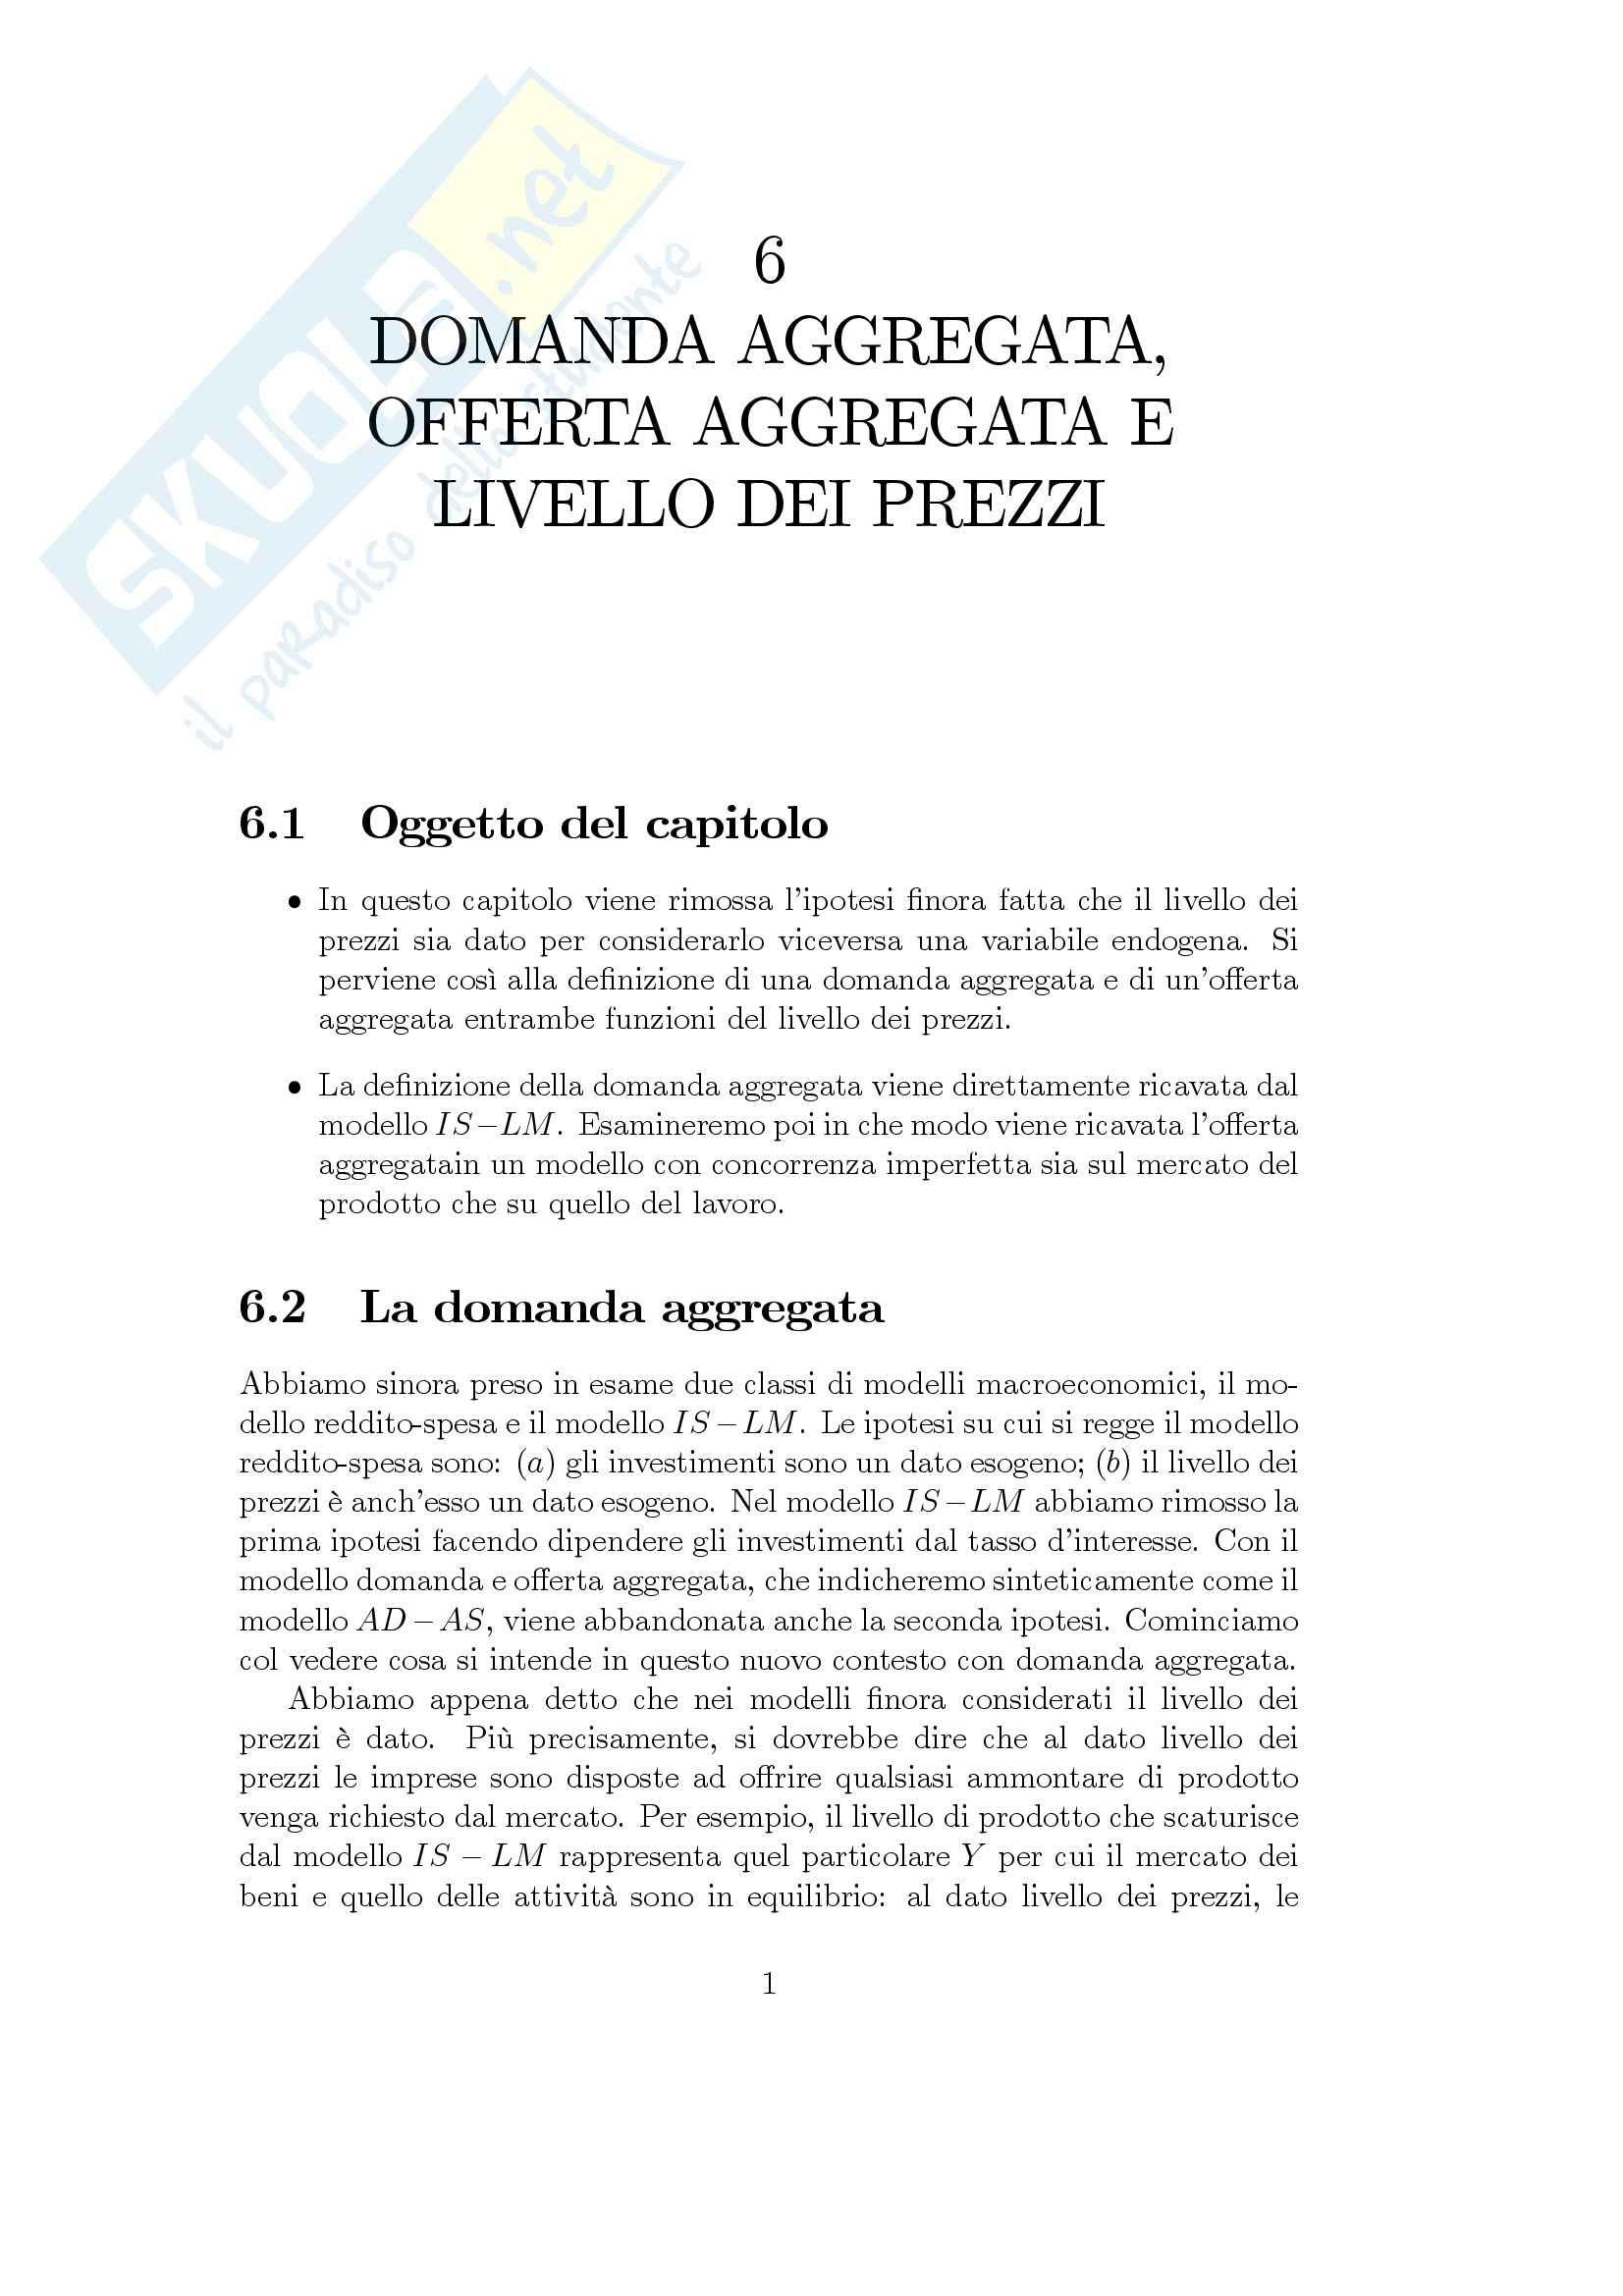 Economia finanziaria - domanda e offerta aggregata